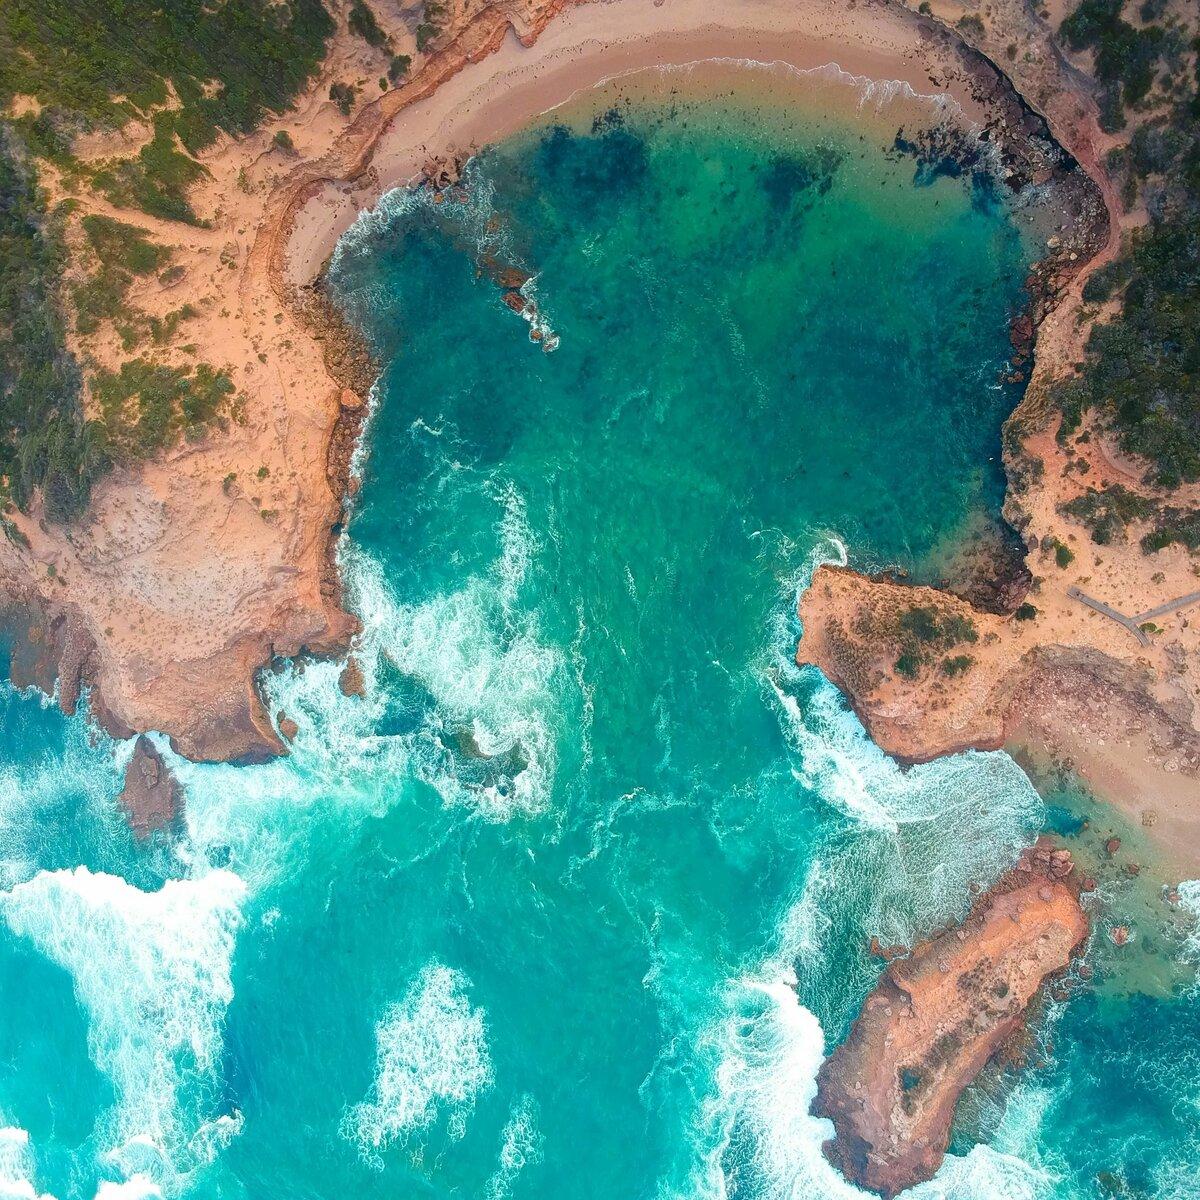 пятницы воскресенье океан сверху картинки каждый